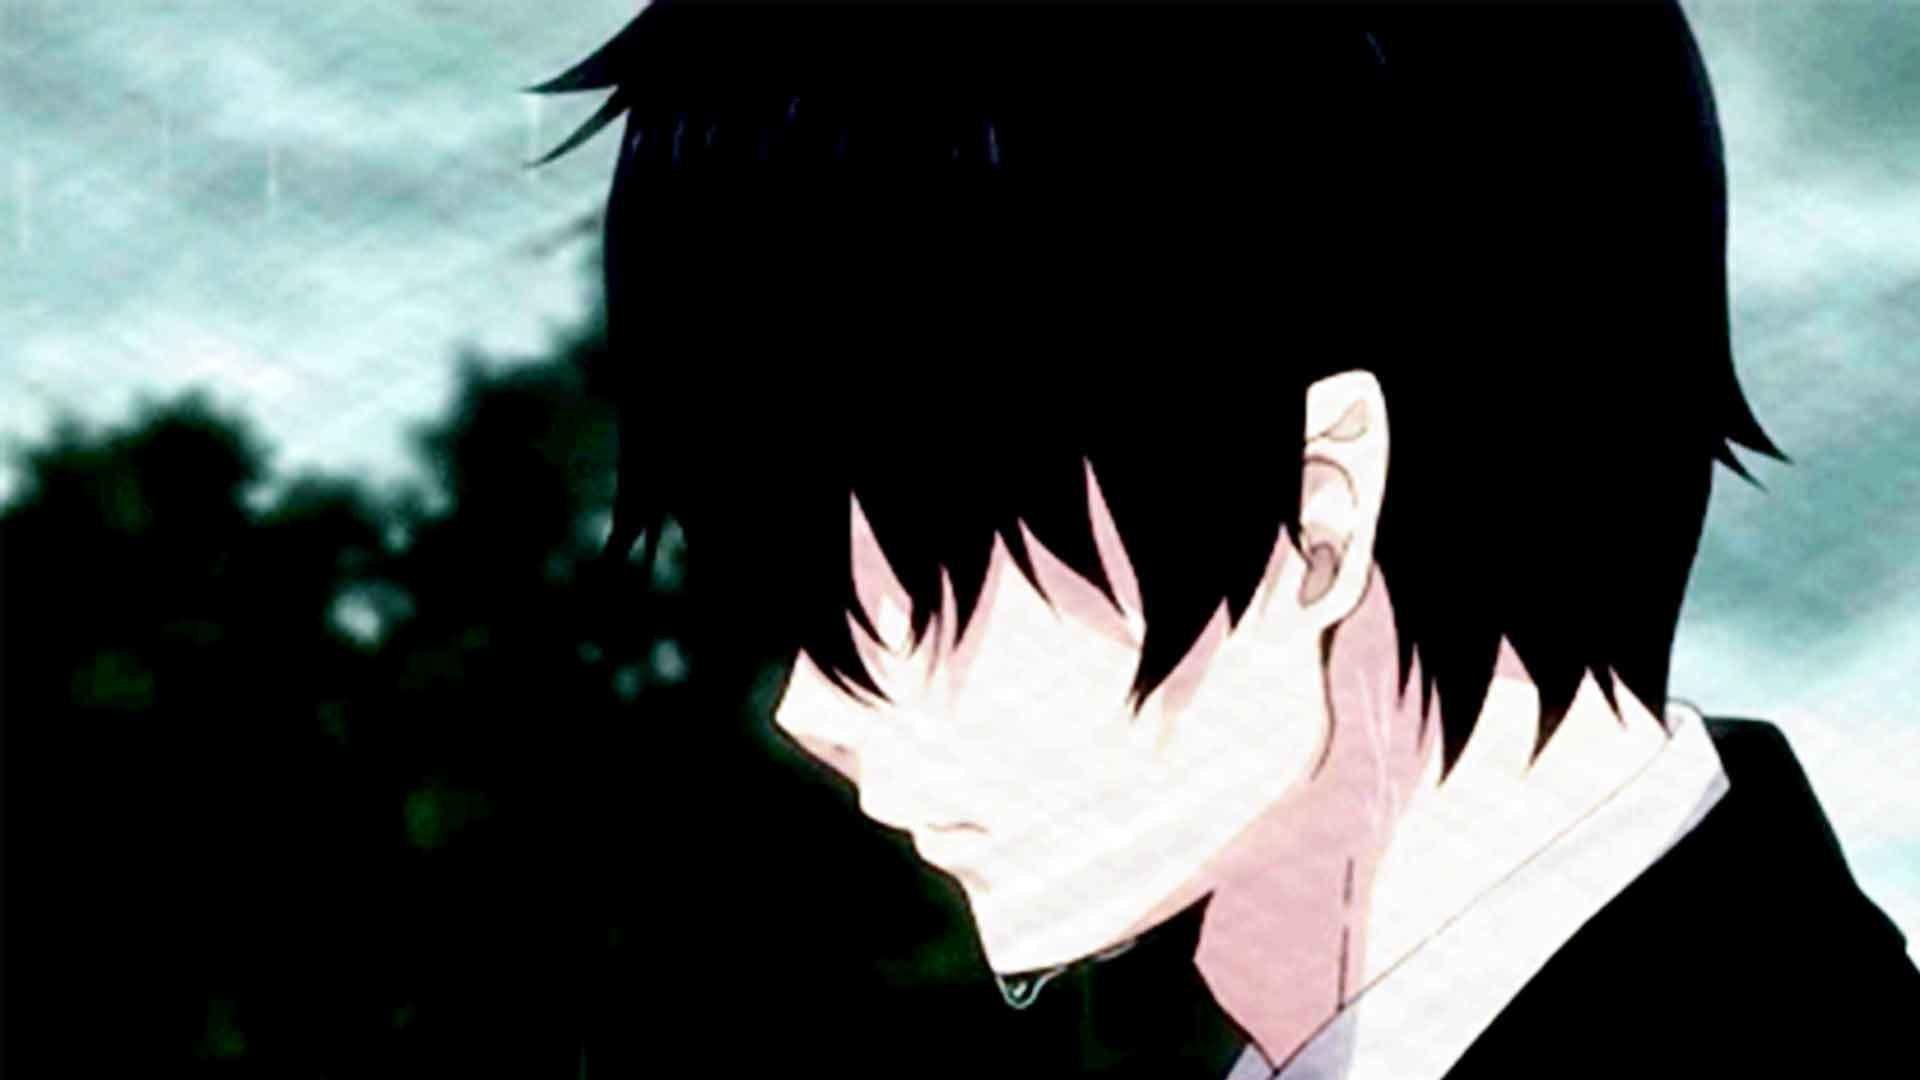 Sad Anime Wallpapers  C B E  A Wallpapertag